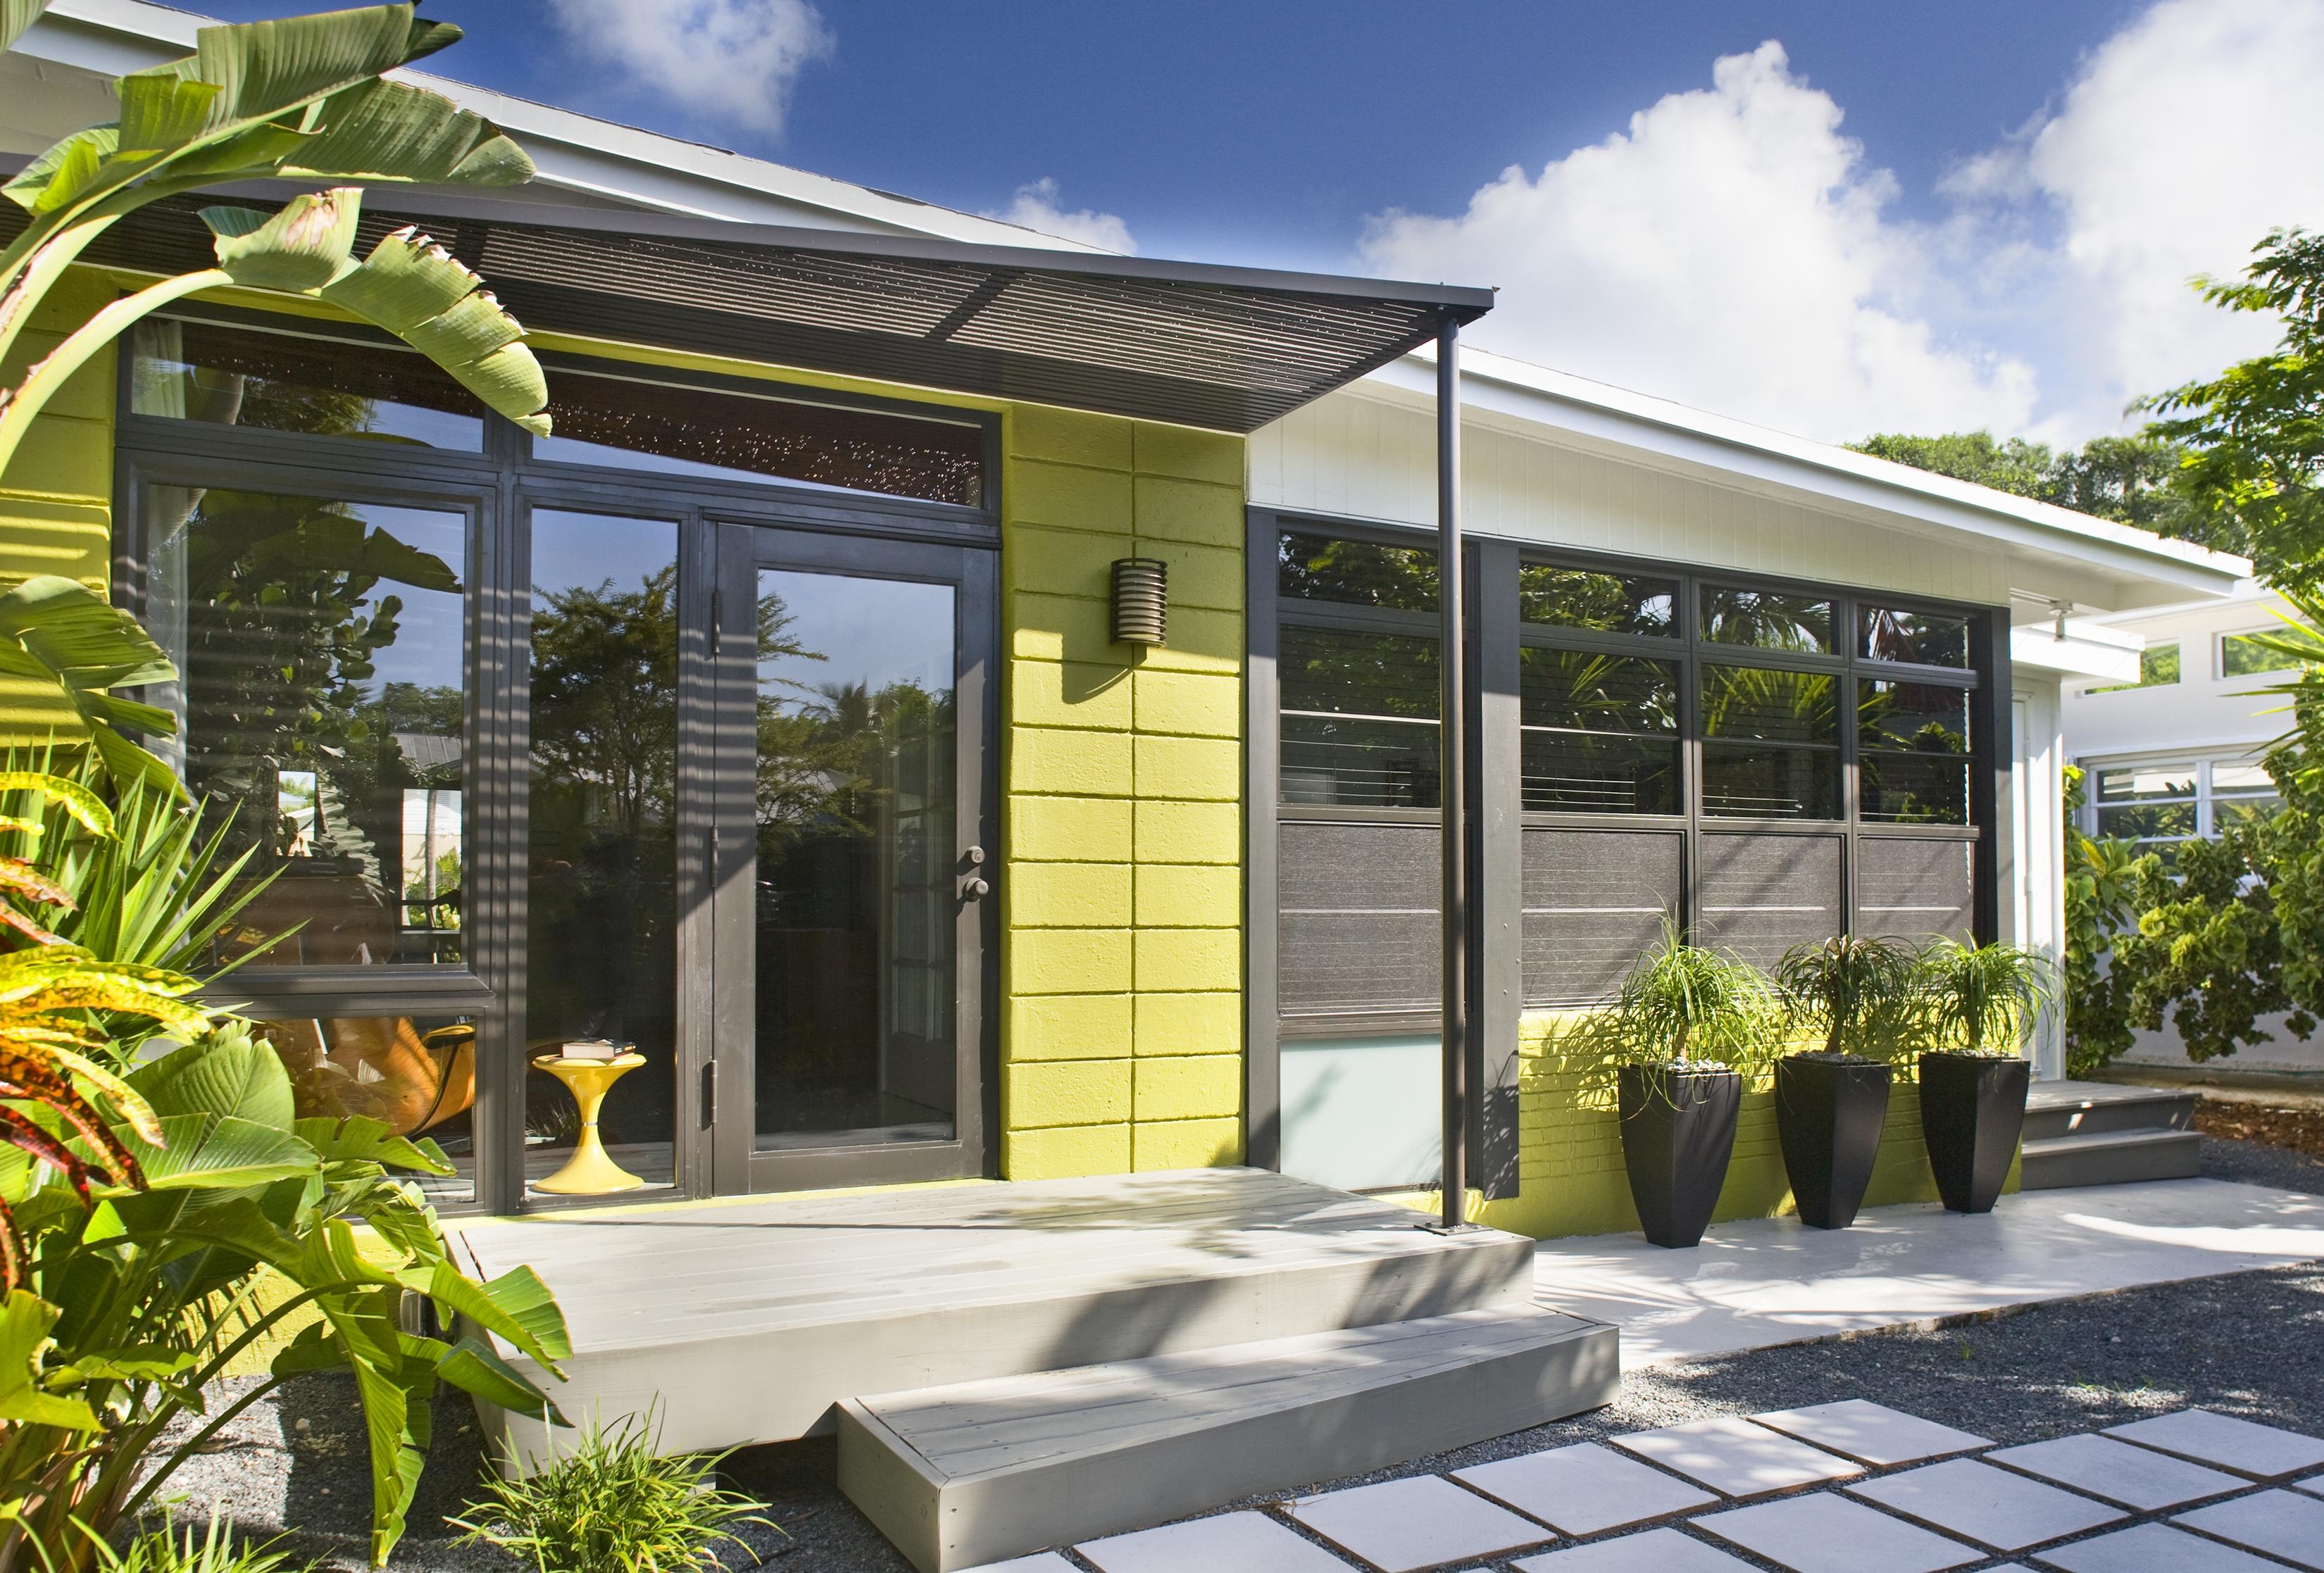 1517 Washington St. Key West, Front of House